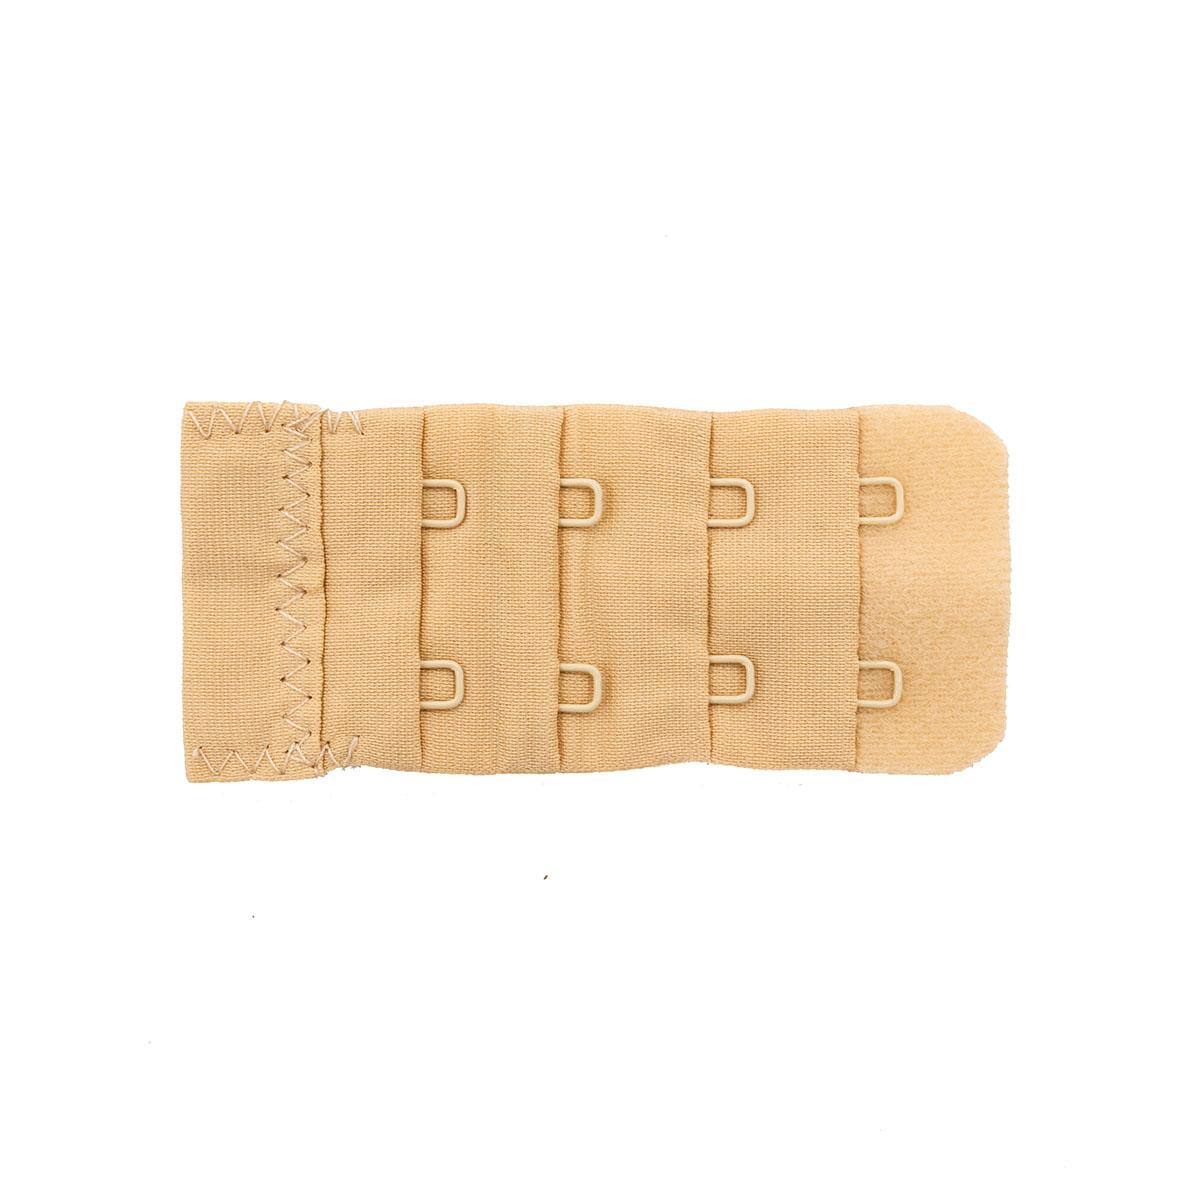 Застежка для увеличения объема бюстгальтера, 2 крючка, 1 шт., телесный 852003, Hobby&Pro